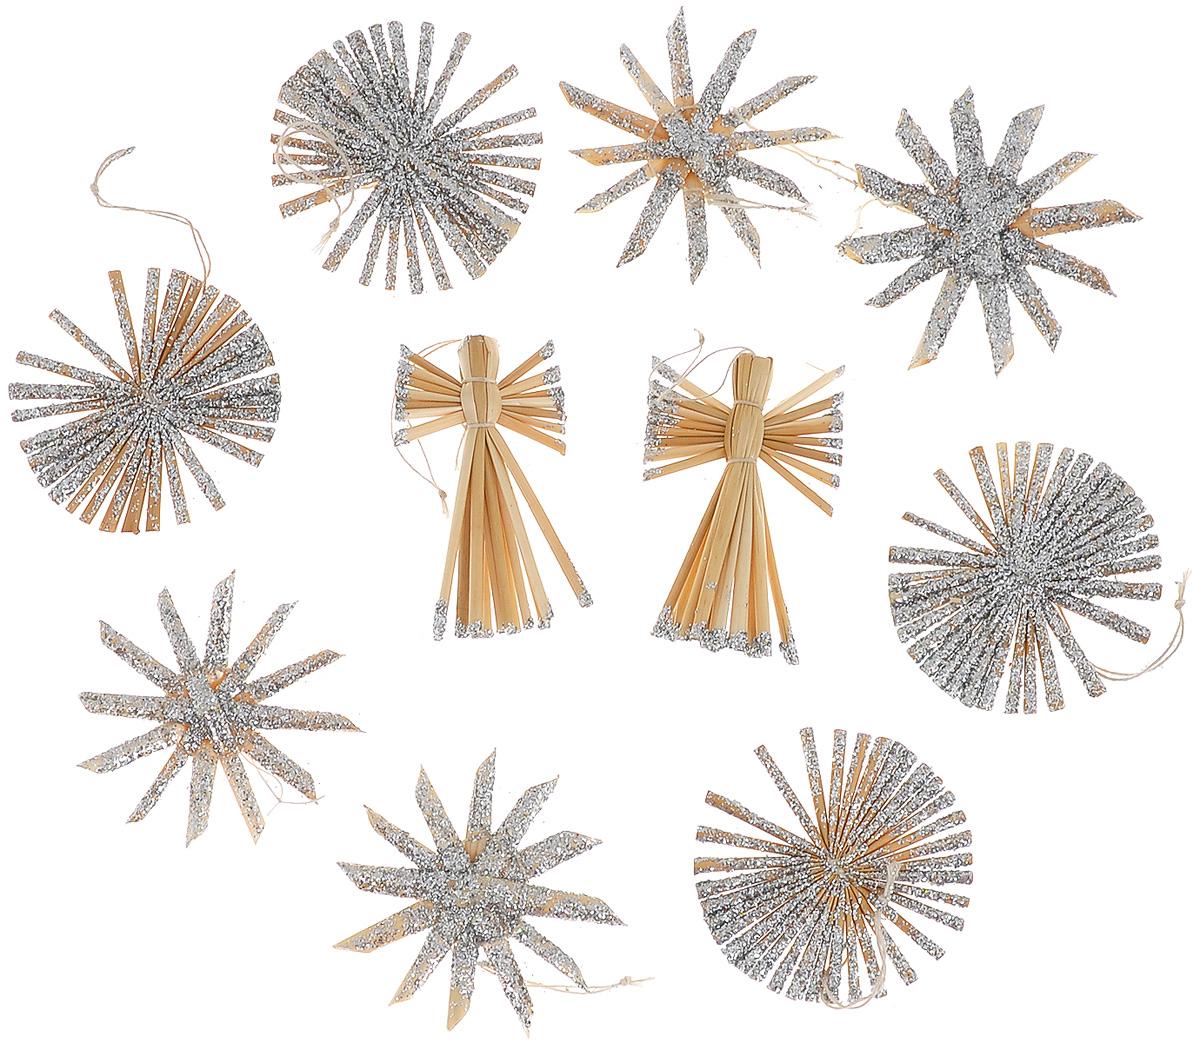 Набор новогодних подвесных украшений Феникс-презент Ангелы и звезды, цвет: серебристый, светло-коричневый, 10 шт38194Набор Феникс-презент Ангелы и звезды, состоящий из 10 новогодних подвесных украшений, отлично подойдет для декорации вашего дома и новогодней ели. Изделия выполнены из соломы в виде ангелочков и звезд, оформленных блестками. Украшения имеют специальные петельки для подвешивания. Коллекция декоративных украшений Феникс-презент Ангелы и звезды принесет в ваш дом ни с чем не сравнимое ощущение праздника! Средний размер украшения: 5,5 см х 5,5 см.